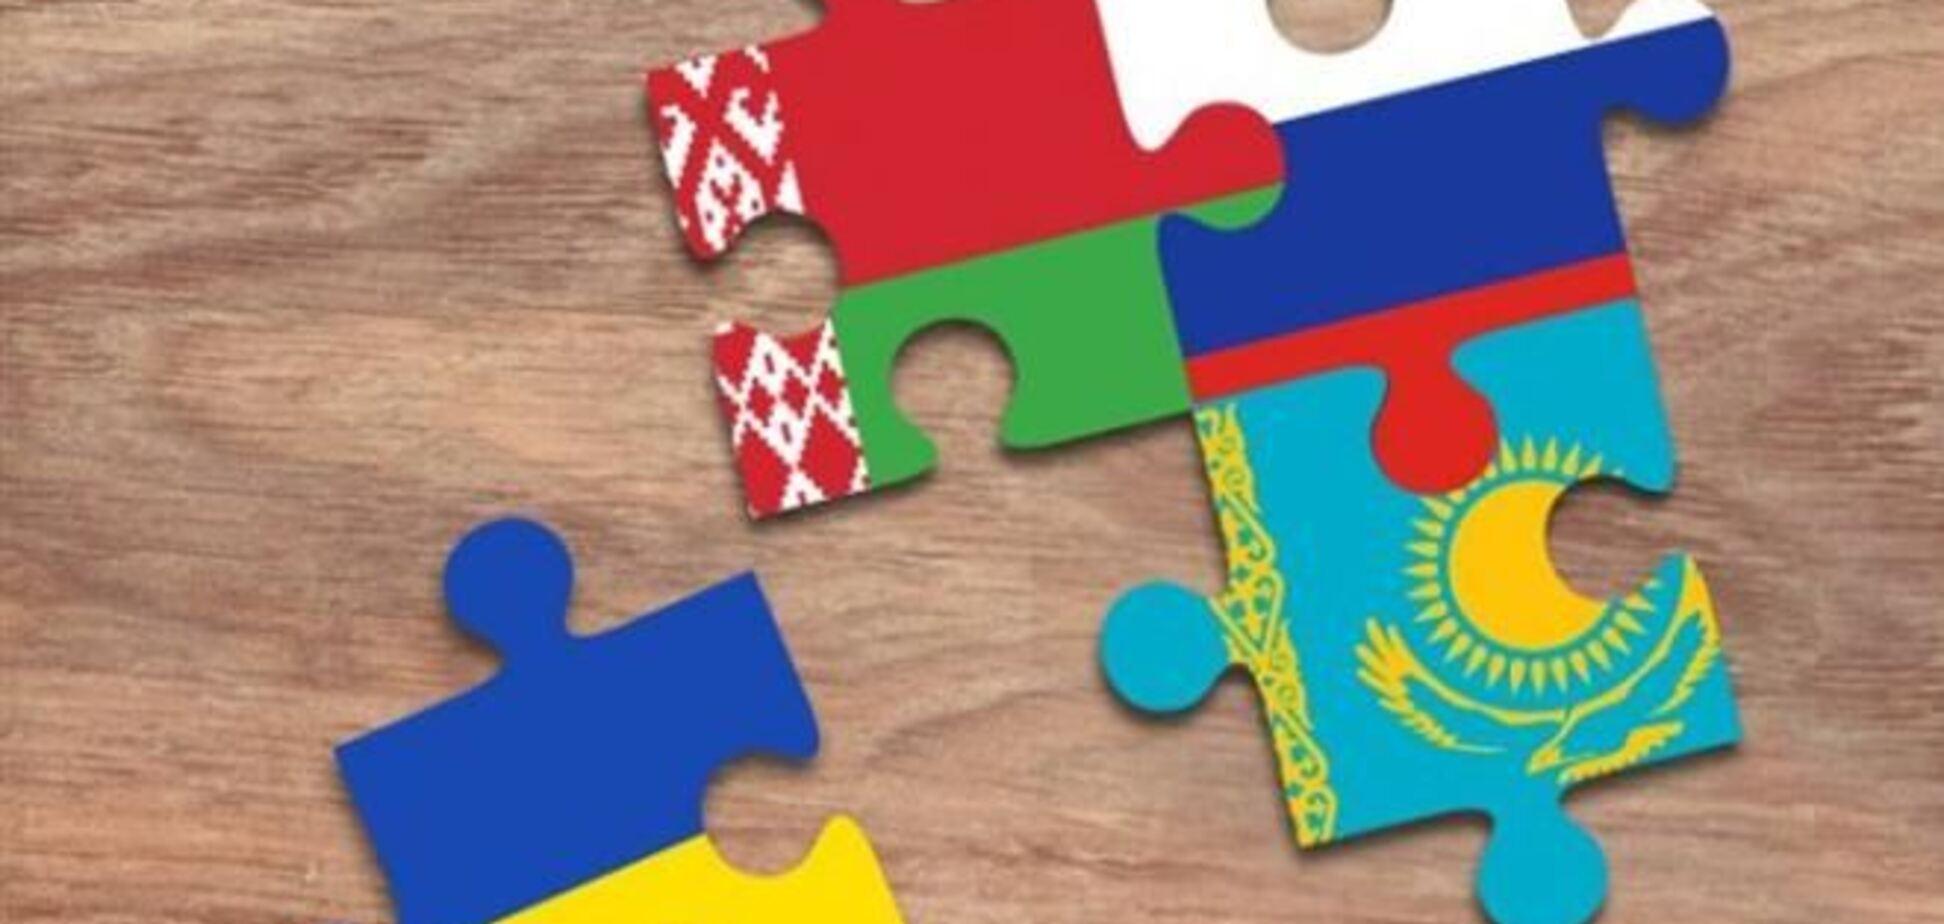 Влада РФ визнали, що діяли жорстко в переговорах з Україною щодо МС